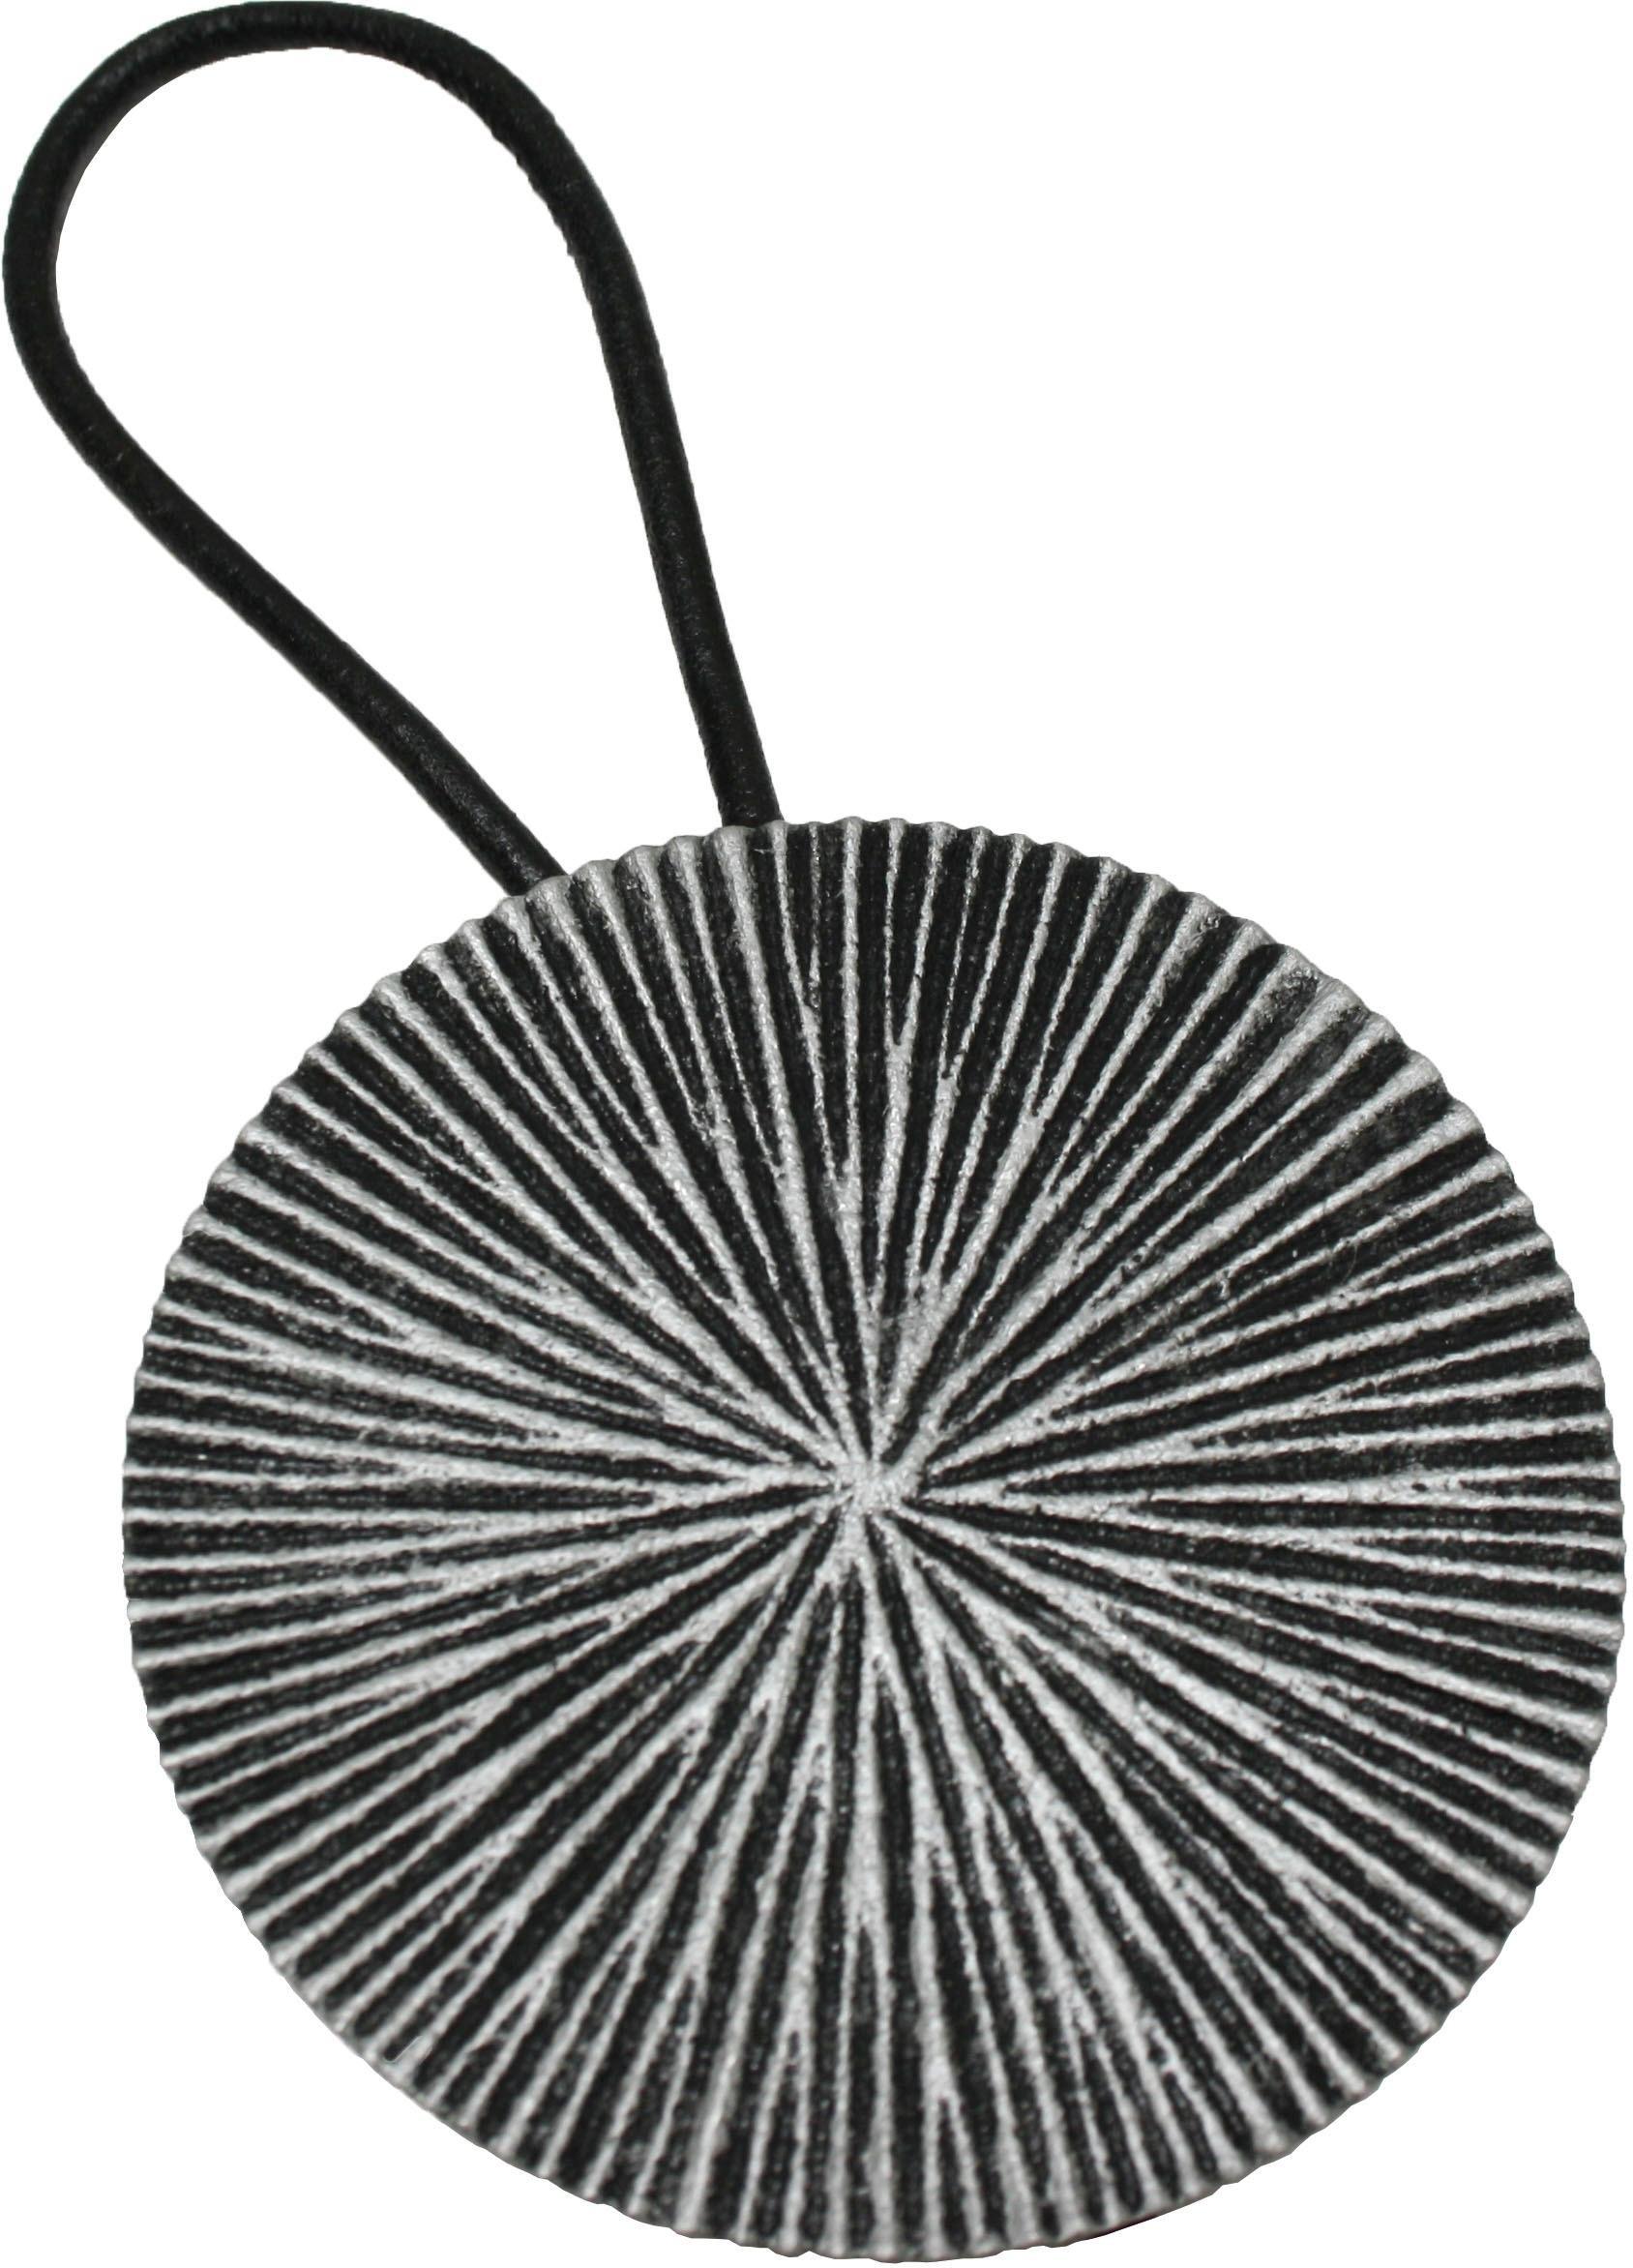 GARDINIA Plooihaken »Cirkel met magneet«, geschikt voor gordijnen, vitragegordijnen nu online kopen bij OTTO